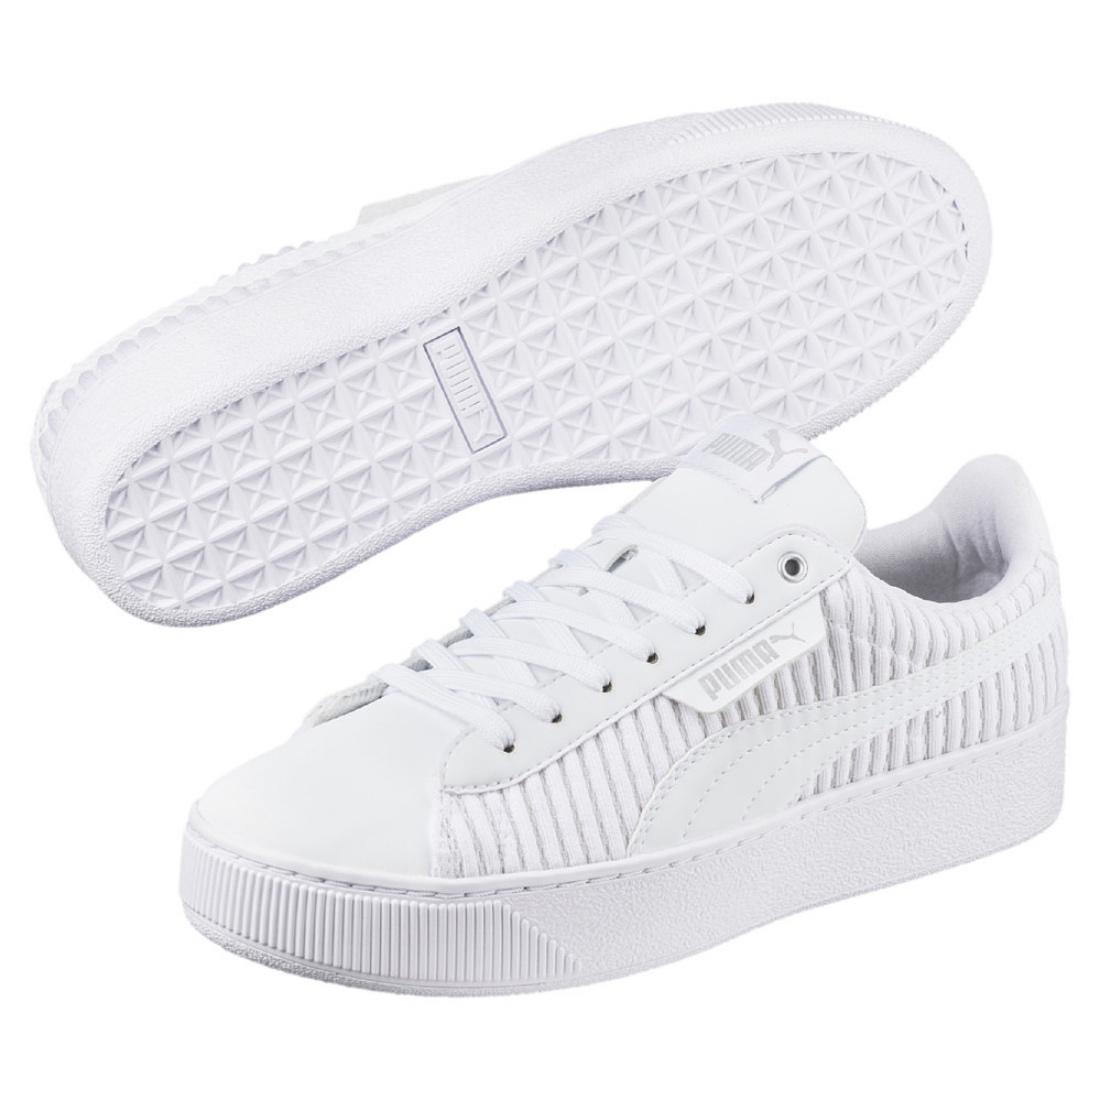 Details about Puma Vikky Platform EP Q2 Ladies Sneaker Shoes 366455 White  Sale